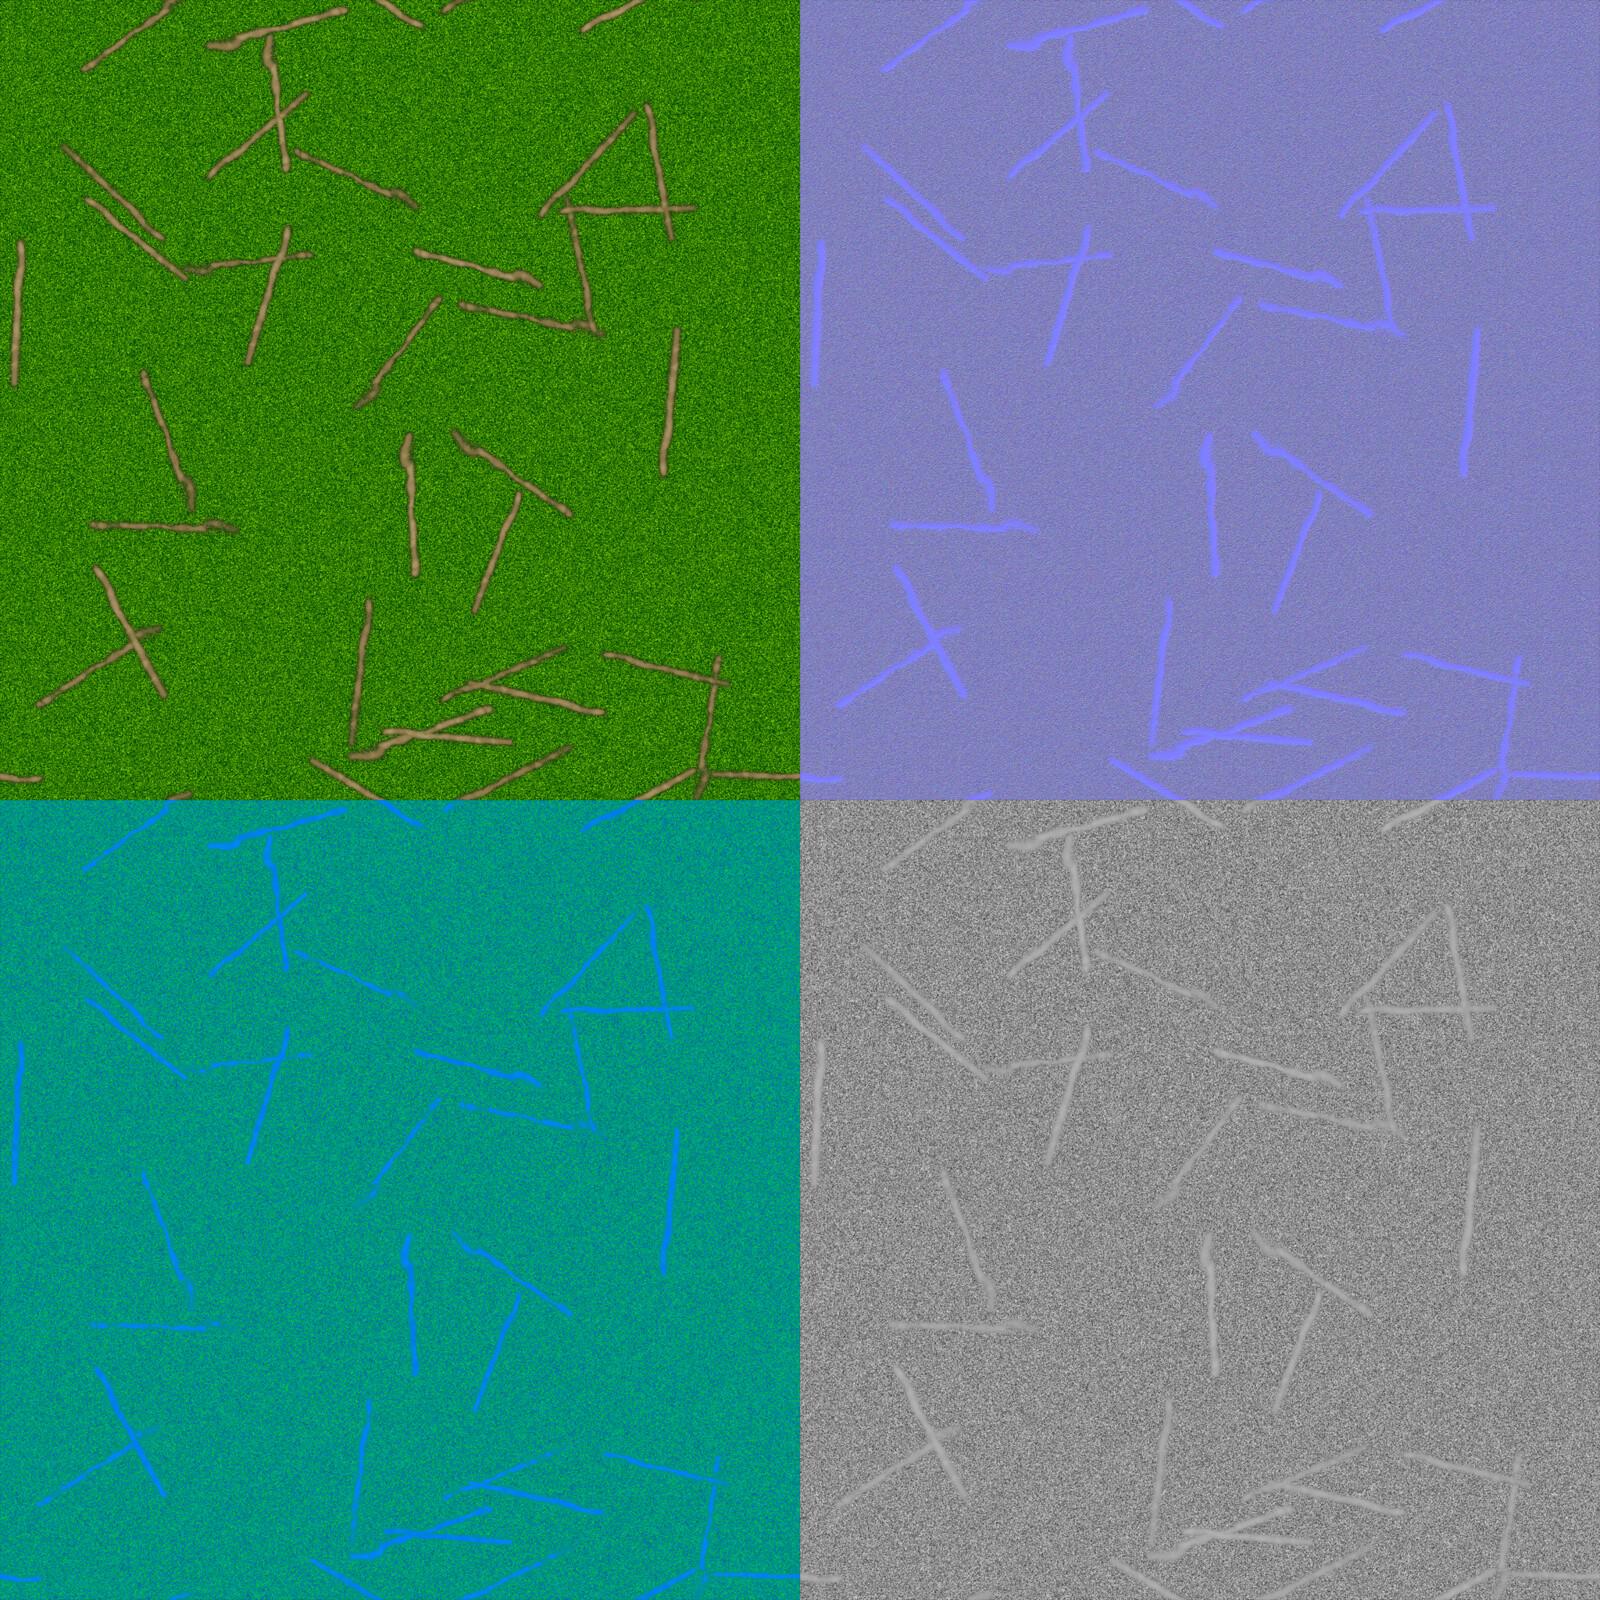 Grass Texture Flats